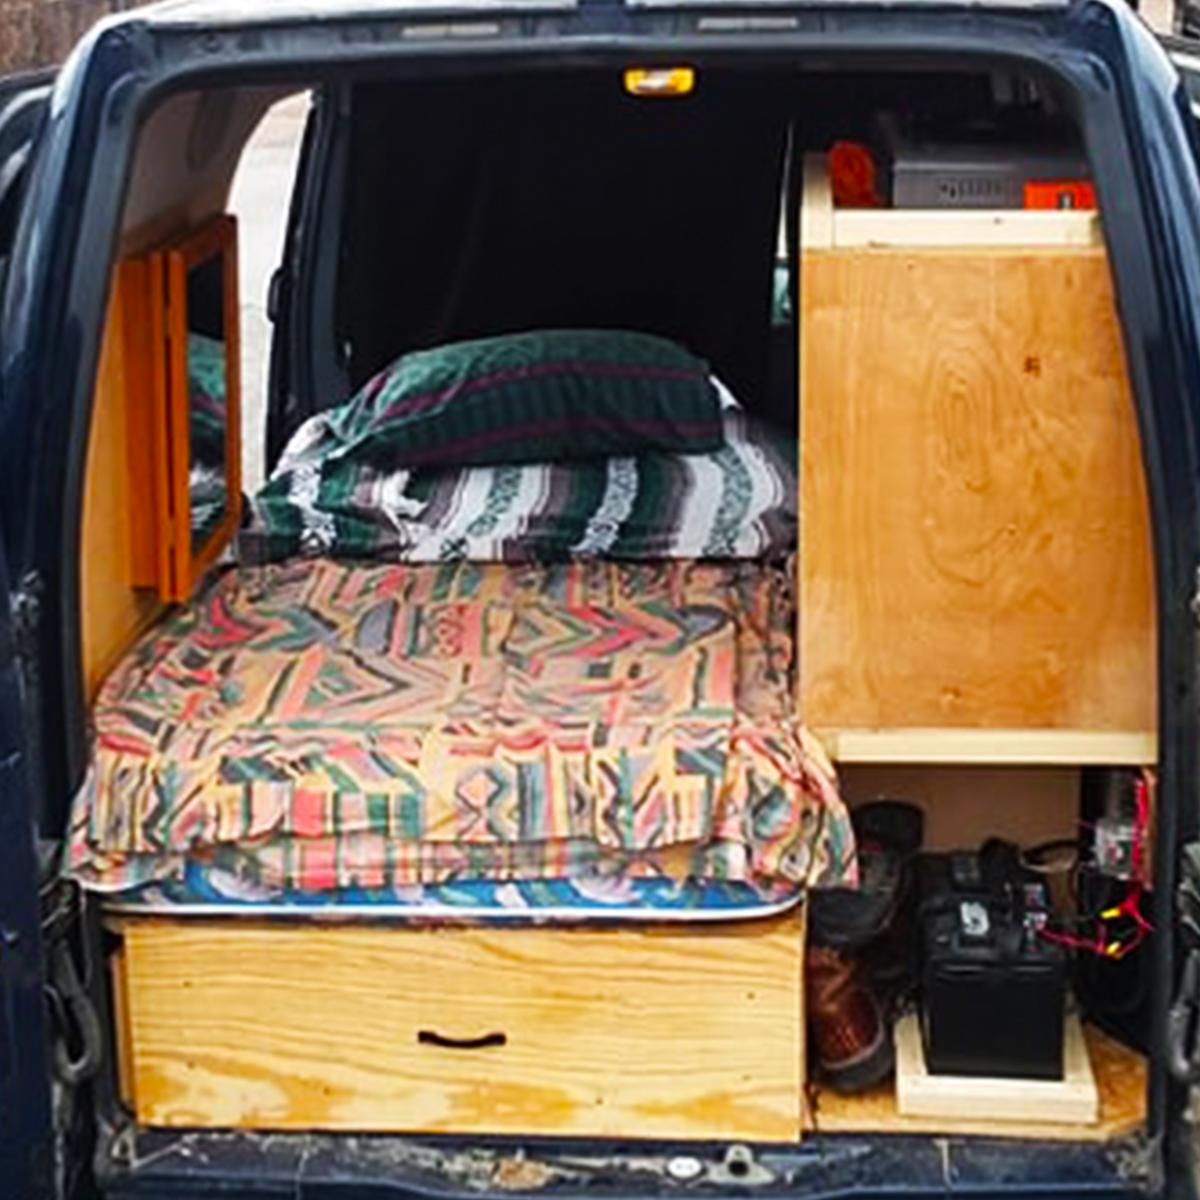 ford transit affordable camper van conversion golden, colorado